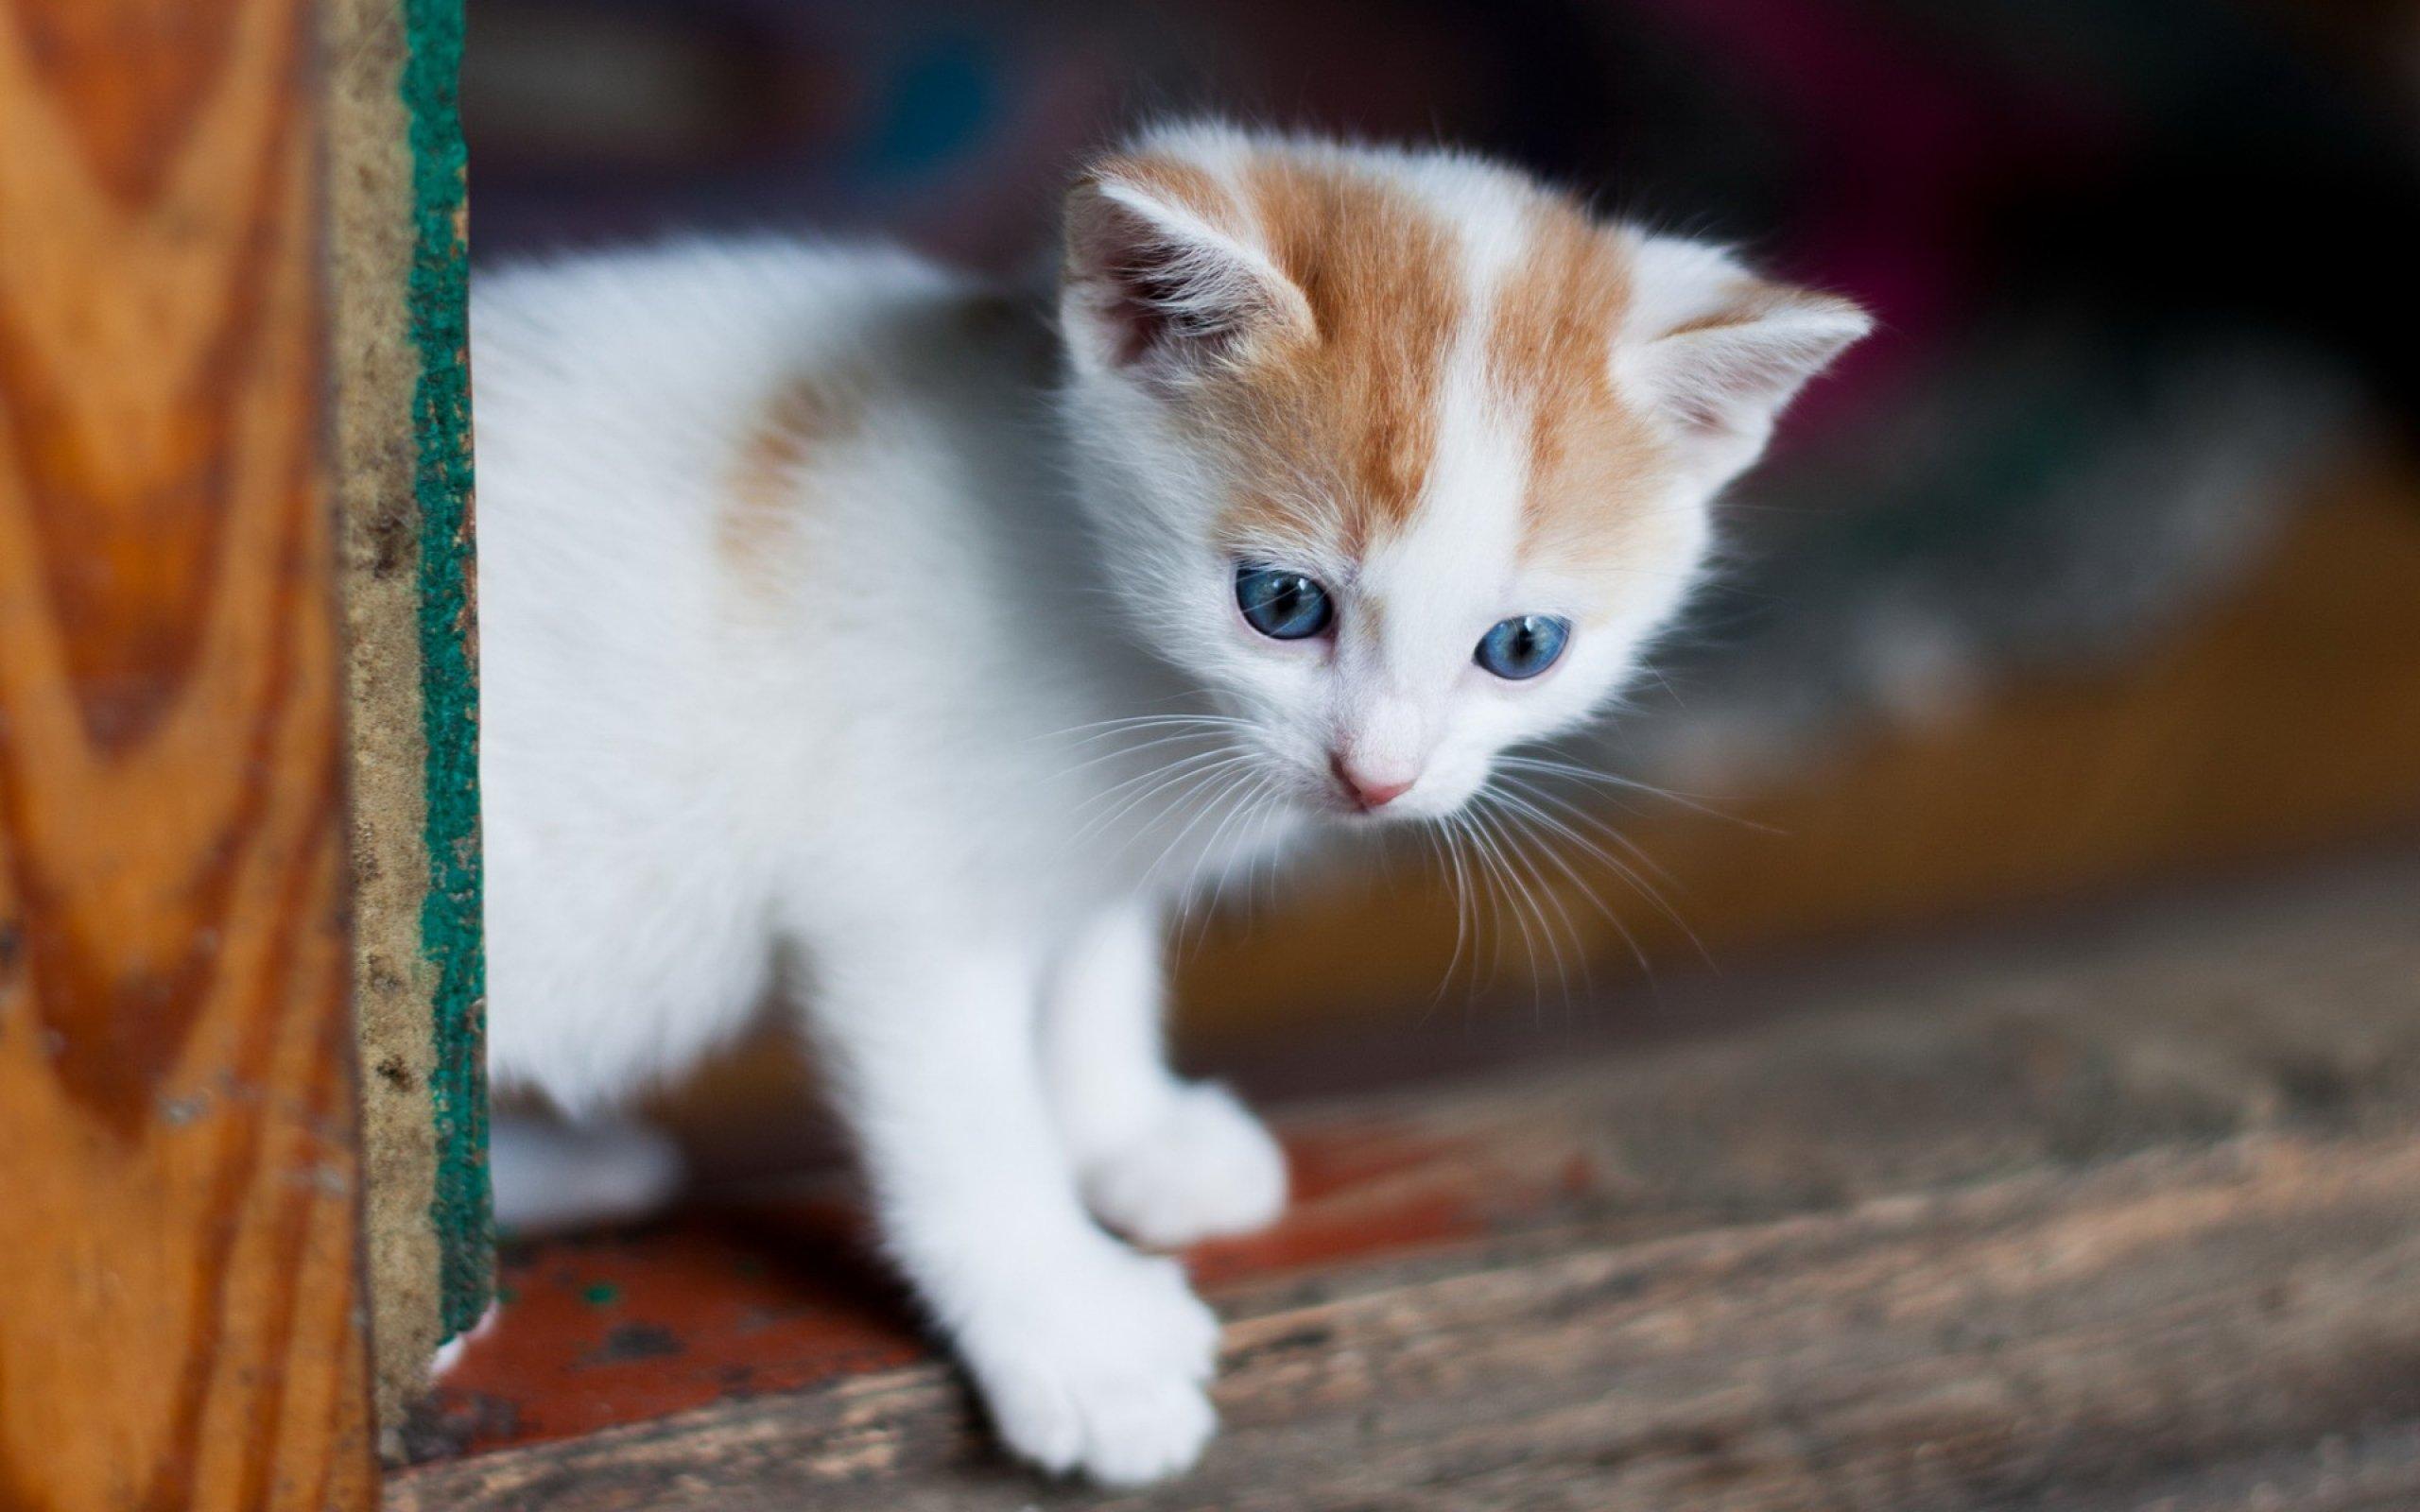 Kittens Kitten Cat Cats Baby Cute S Wallpaper 2560x1600